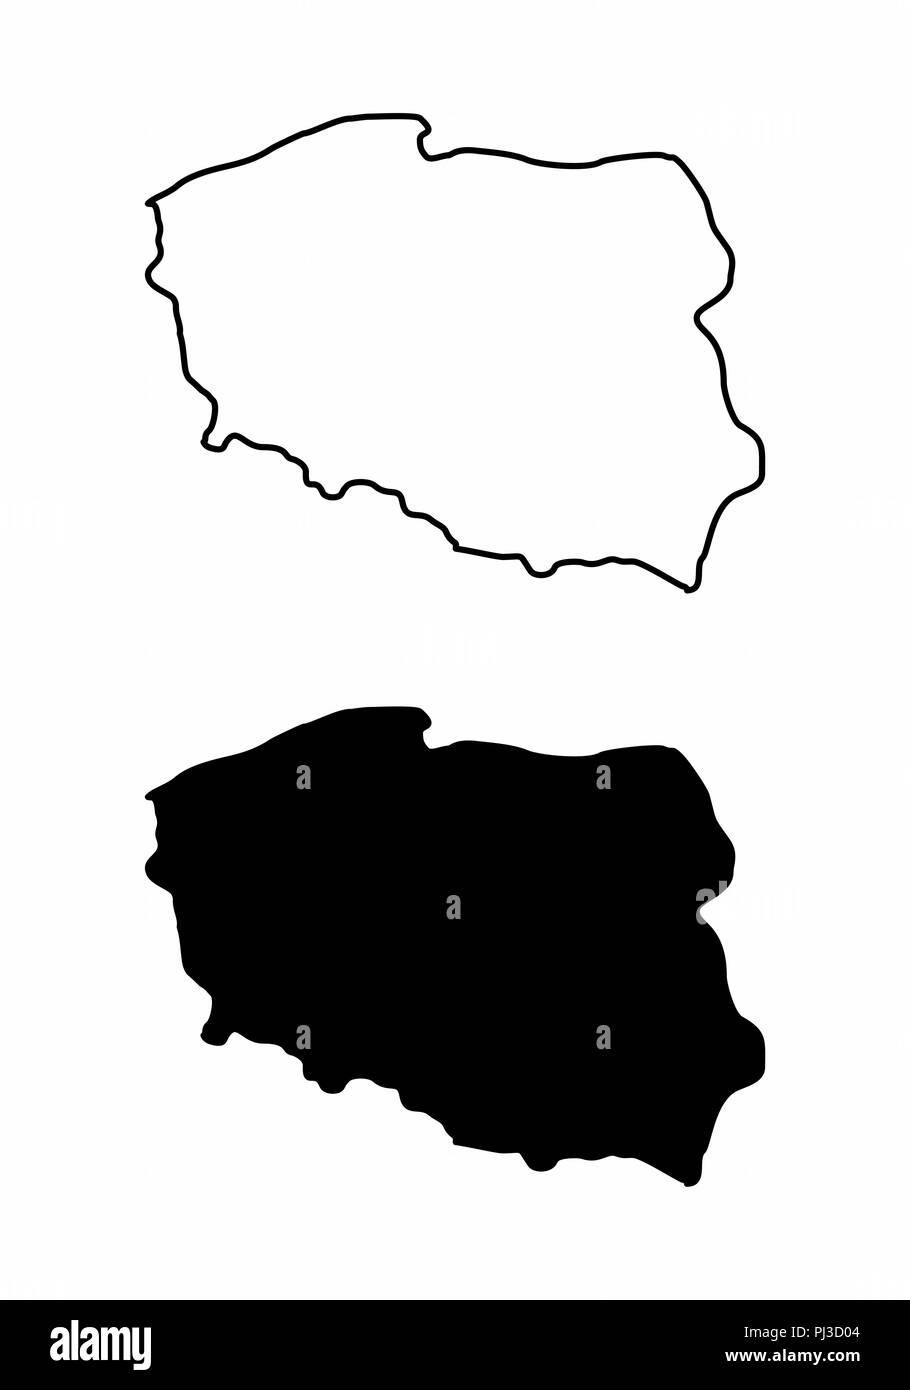 Polen Karte Umriss.Vereinfachte Karten Von Polen Schwarze Und Weisse Umrisse